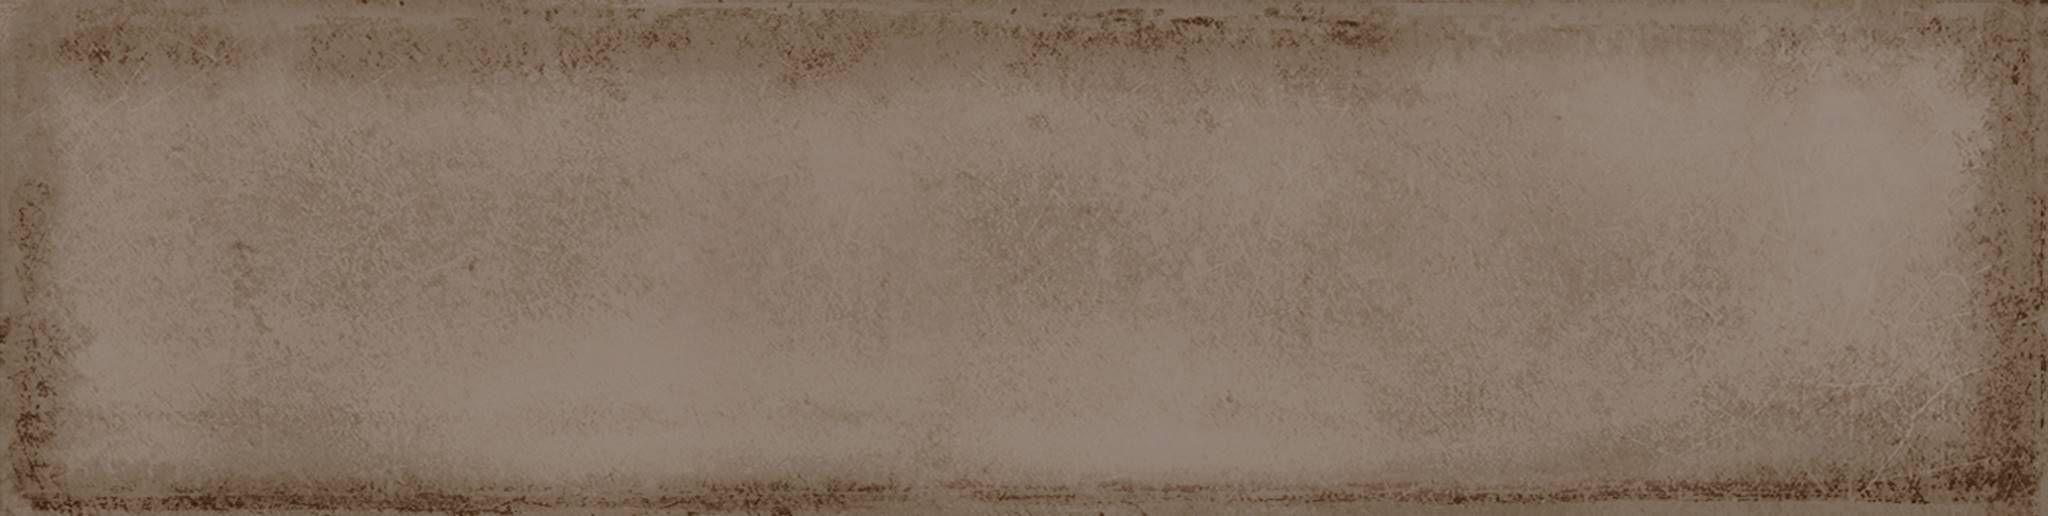 Alchimia Moka 7,5×30